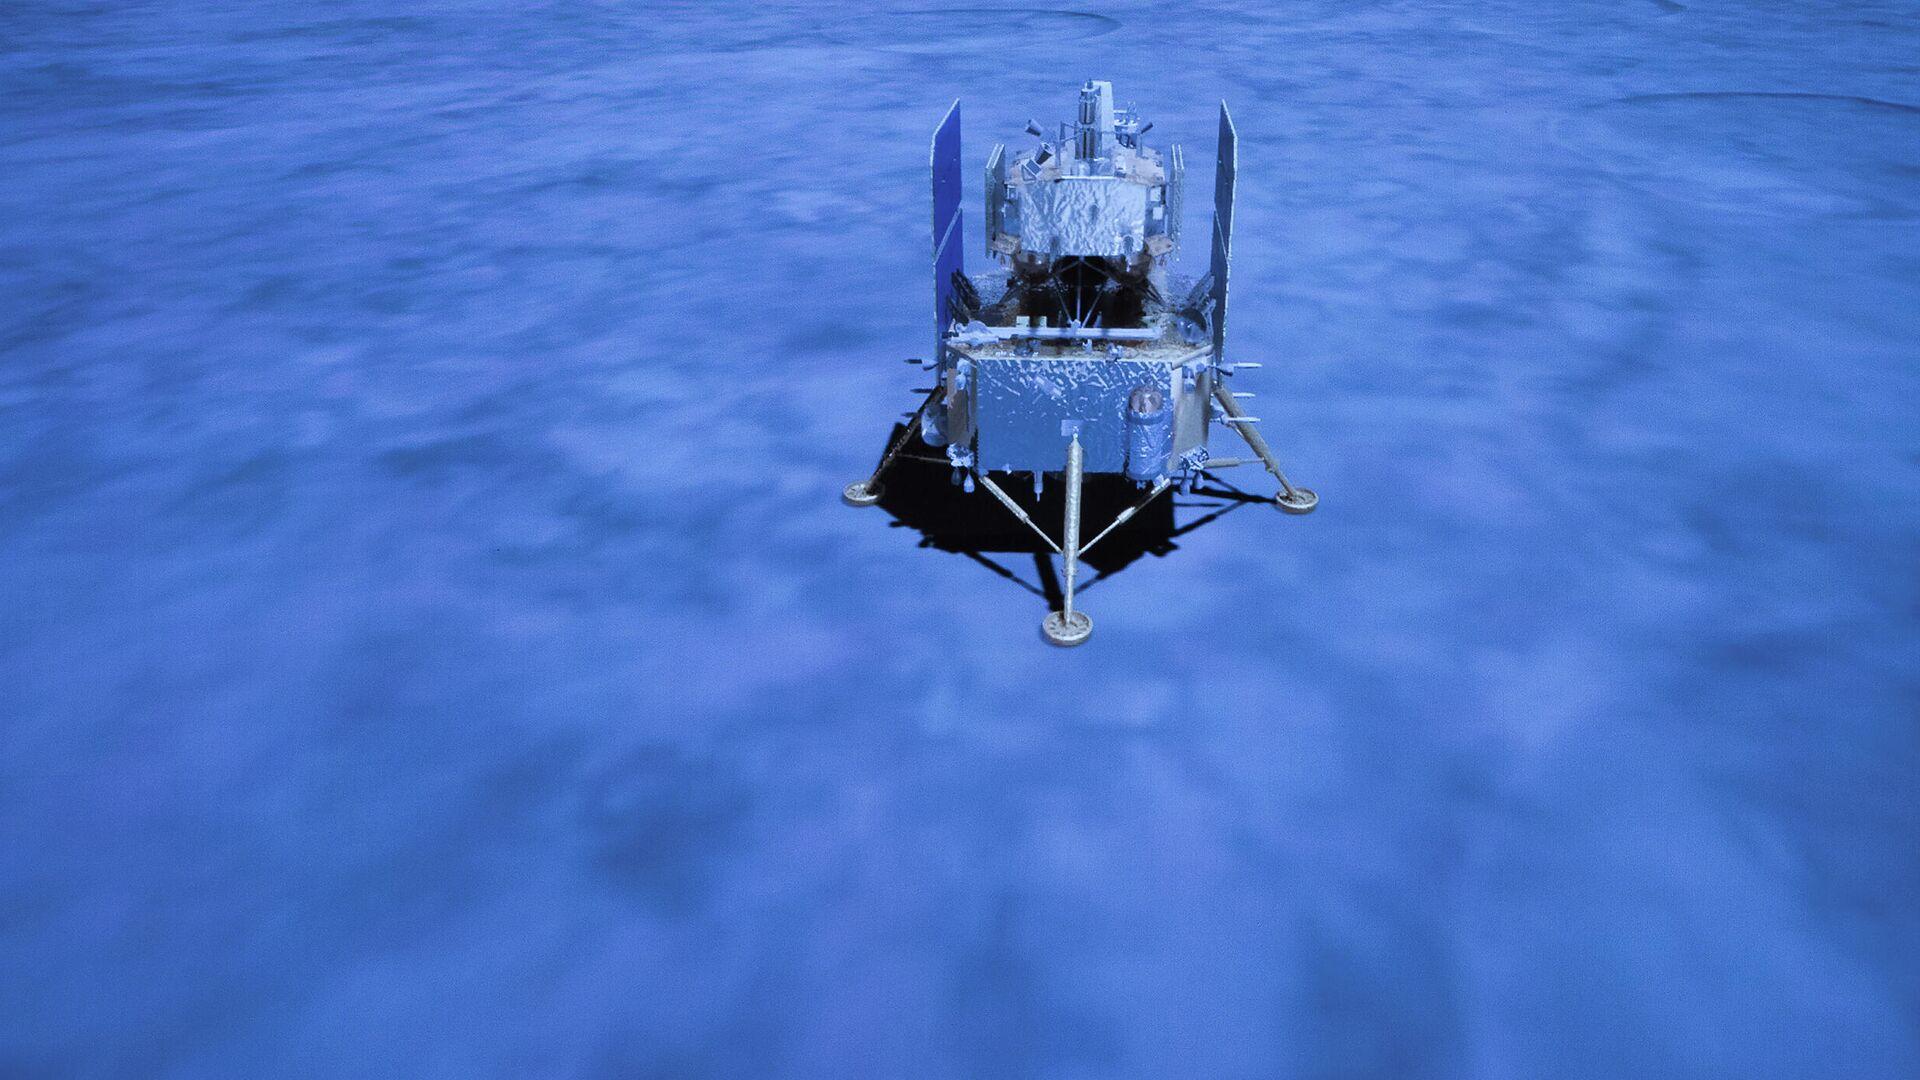 Китайский лунный зонд Чанъэ-5 на поверхности Луны - РИА Новости, 1920, 02.12.2020